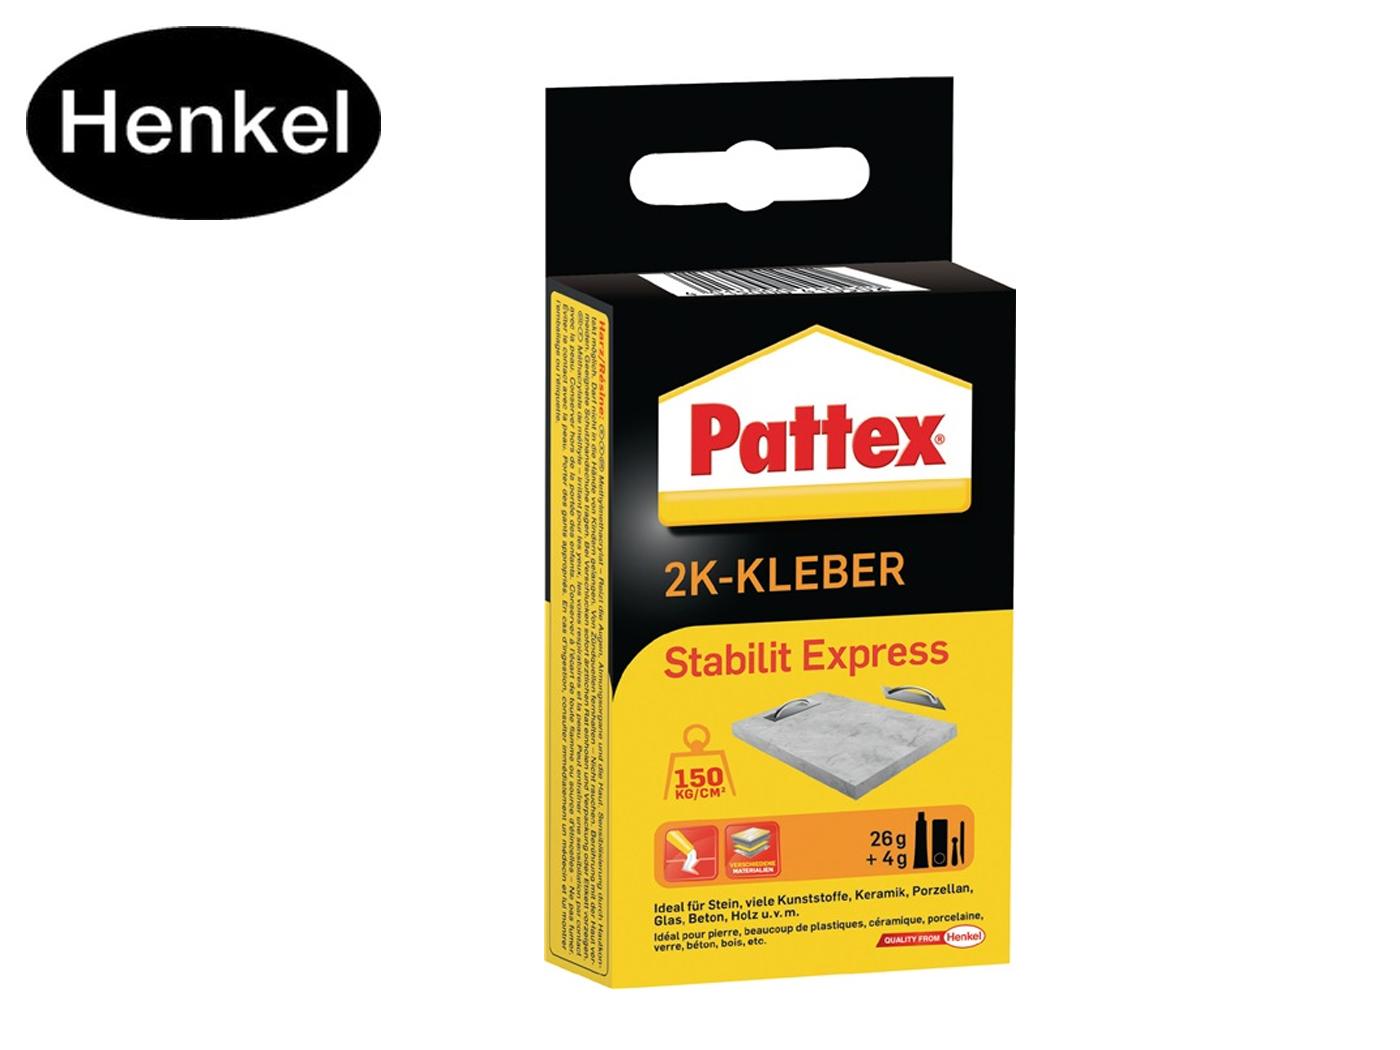 2-componenten acrylkleefstof | DKMTools - DKM Tools